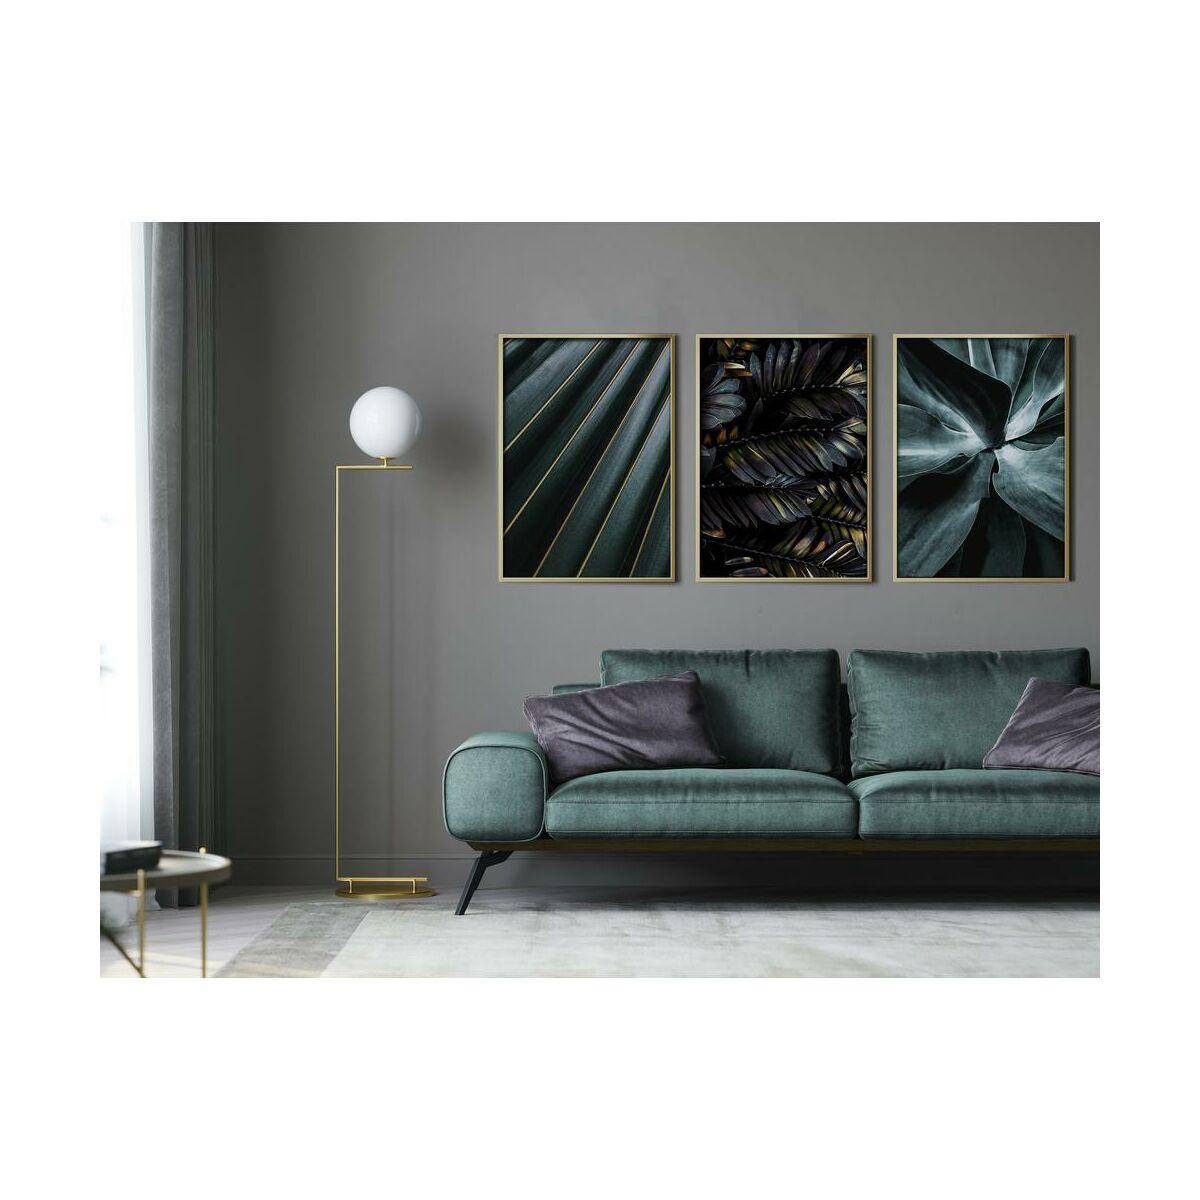 Obraz Feather 50 X 70 Cm Obrazy Kanwy W Atrakcyjnej Cenie W Sklepach Leroy Merlin